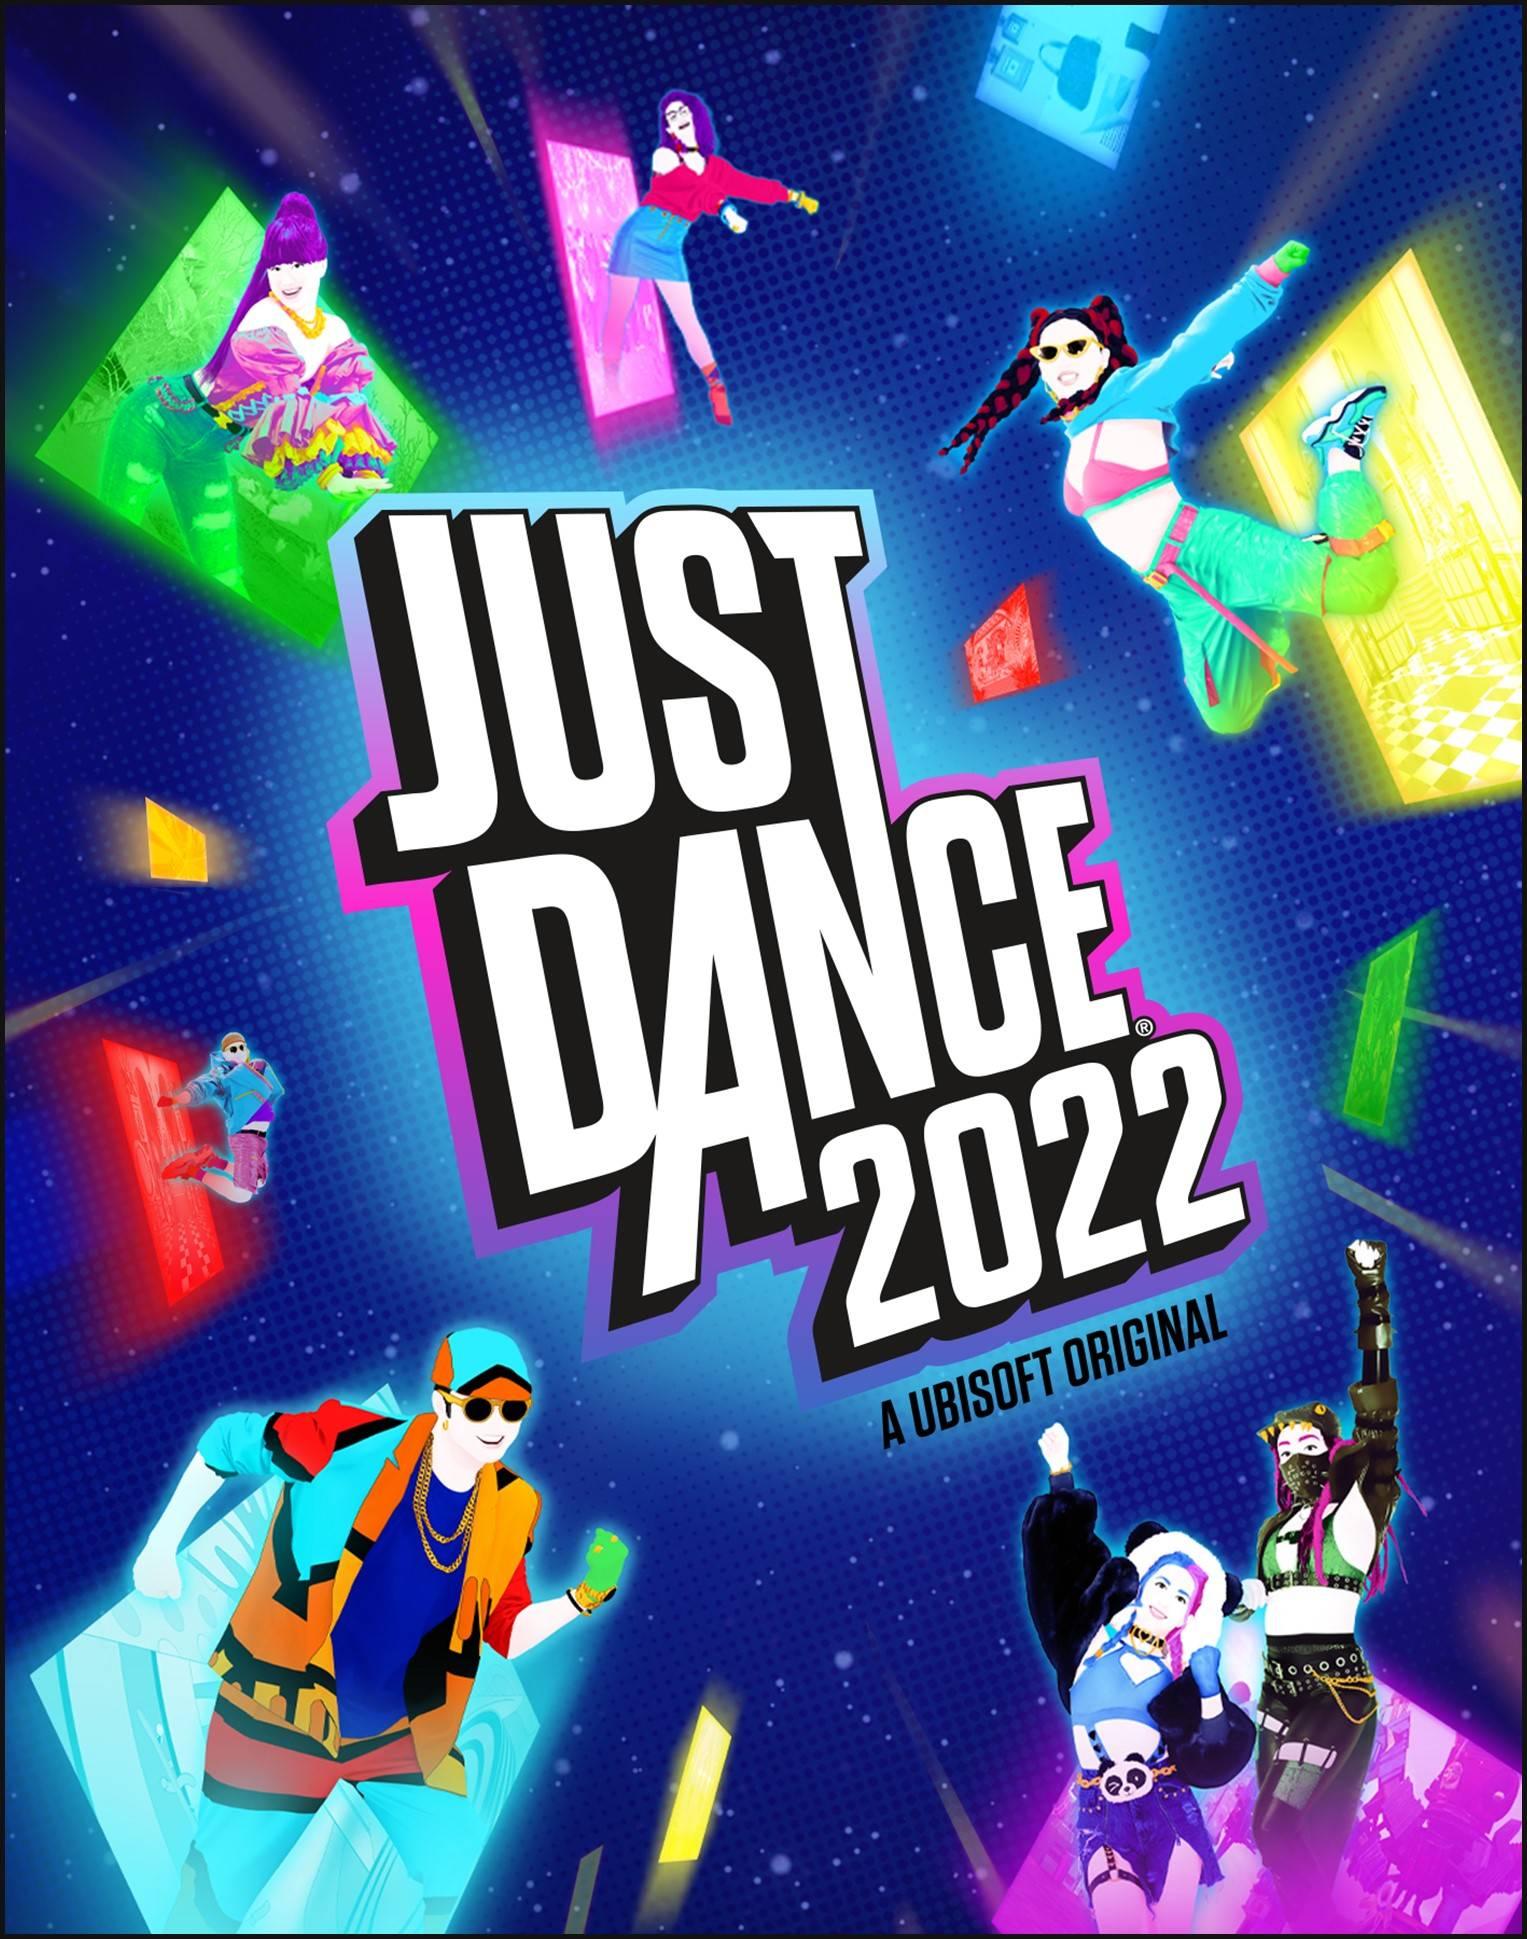 È ora di iniziare lo spettacolo con Just Dance 2022, disponibile dal 4 novembre 2021